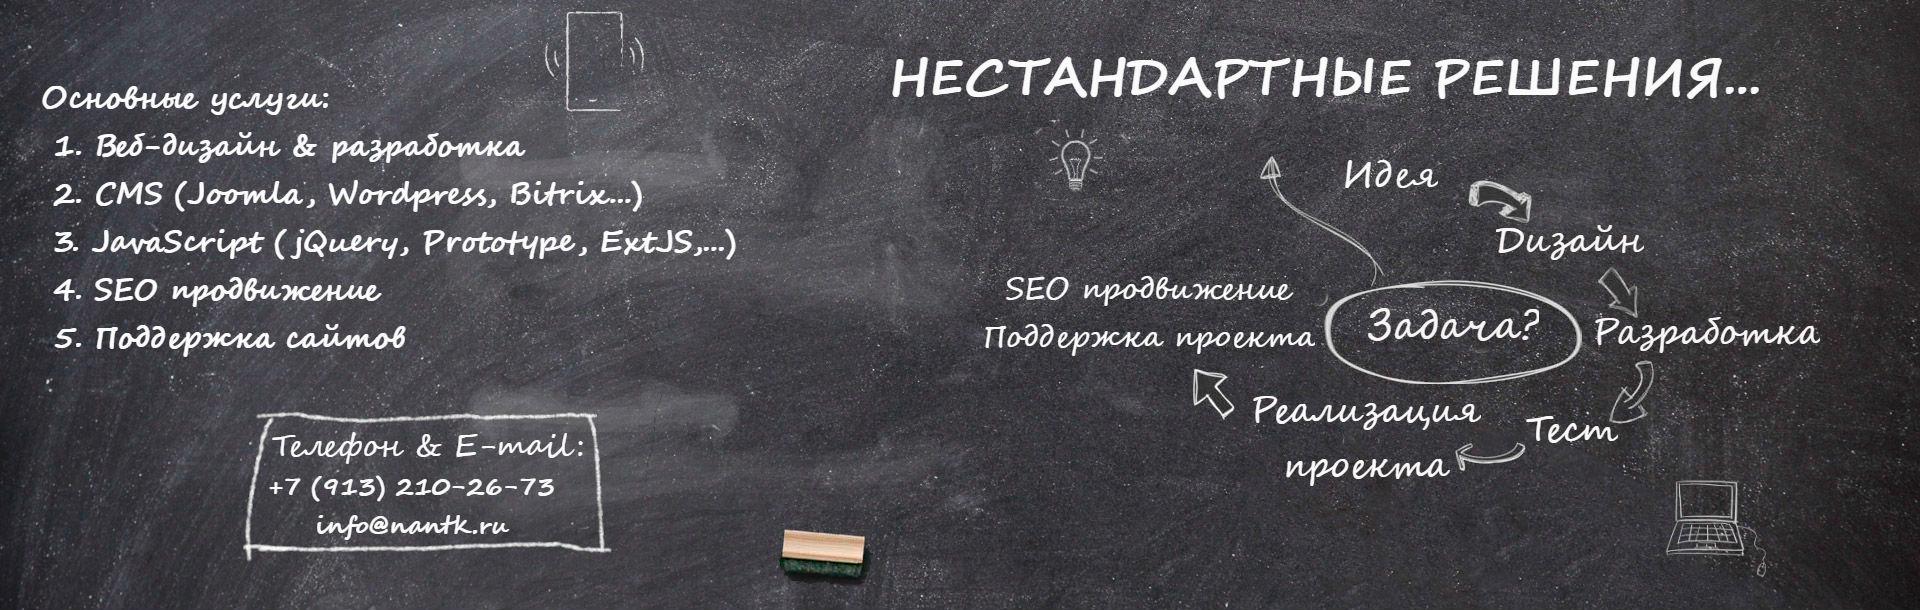 7b2796437 Как правильно заказать сайт - Наноток - Разработка сайта компании, создание  сайтов, заказать сайт, веб студия